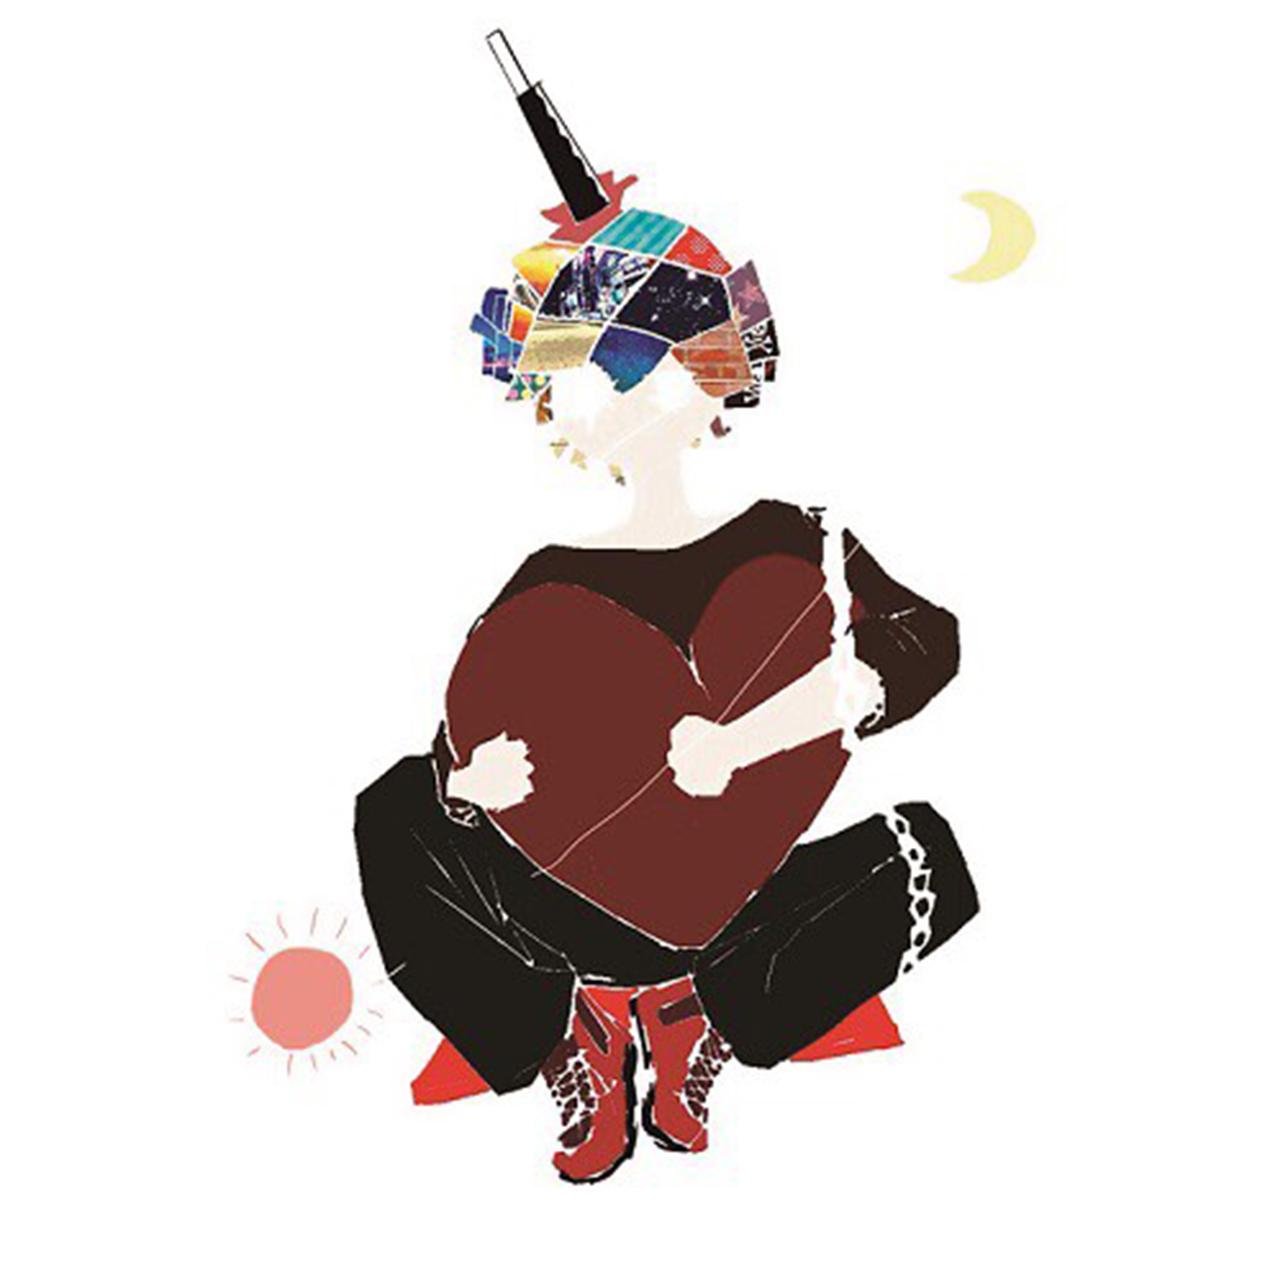 """2019年最重要次世代アーティスト""""秋山黄色""""新曲「クソフラペチーノ」配信開始!"""